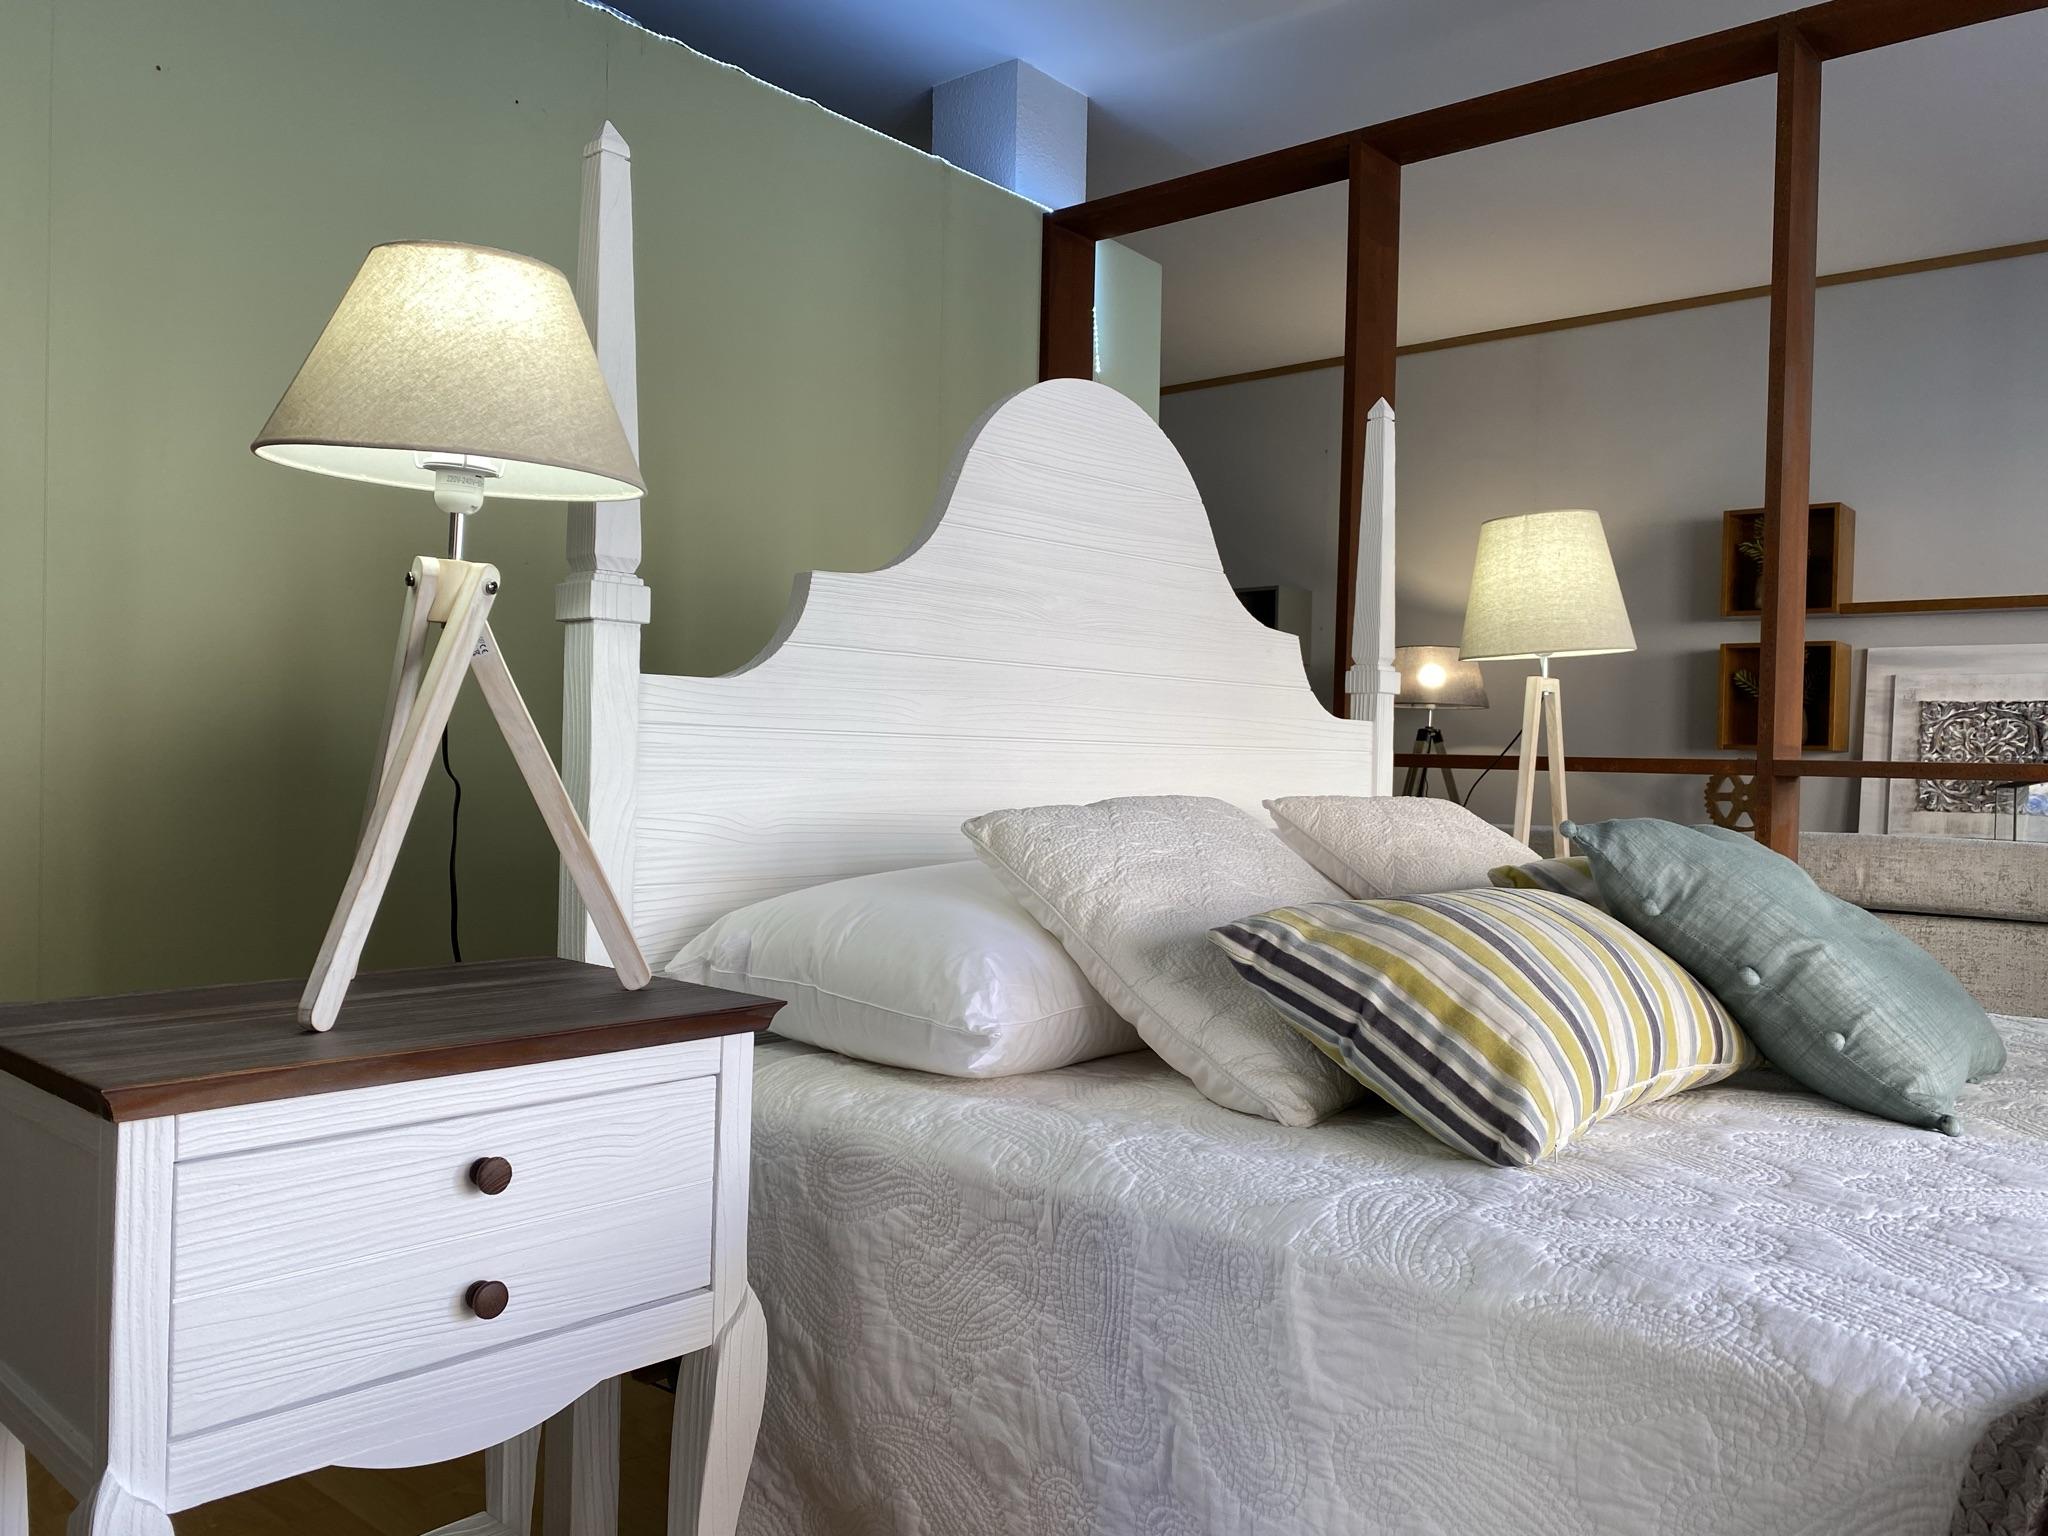 dormitorio-colonial